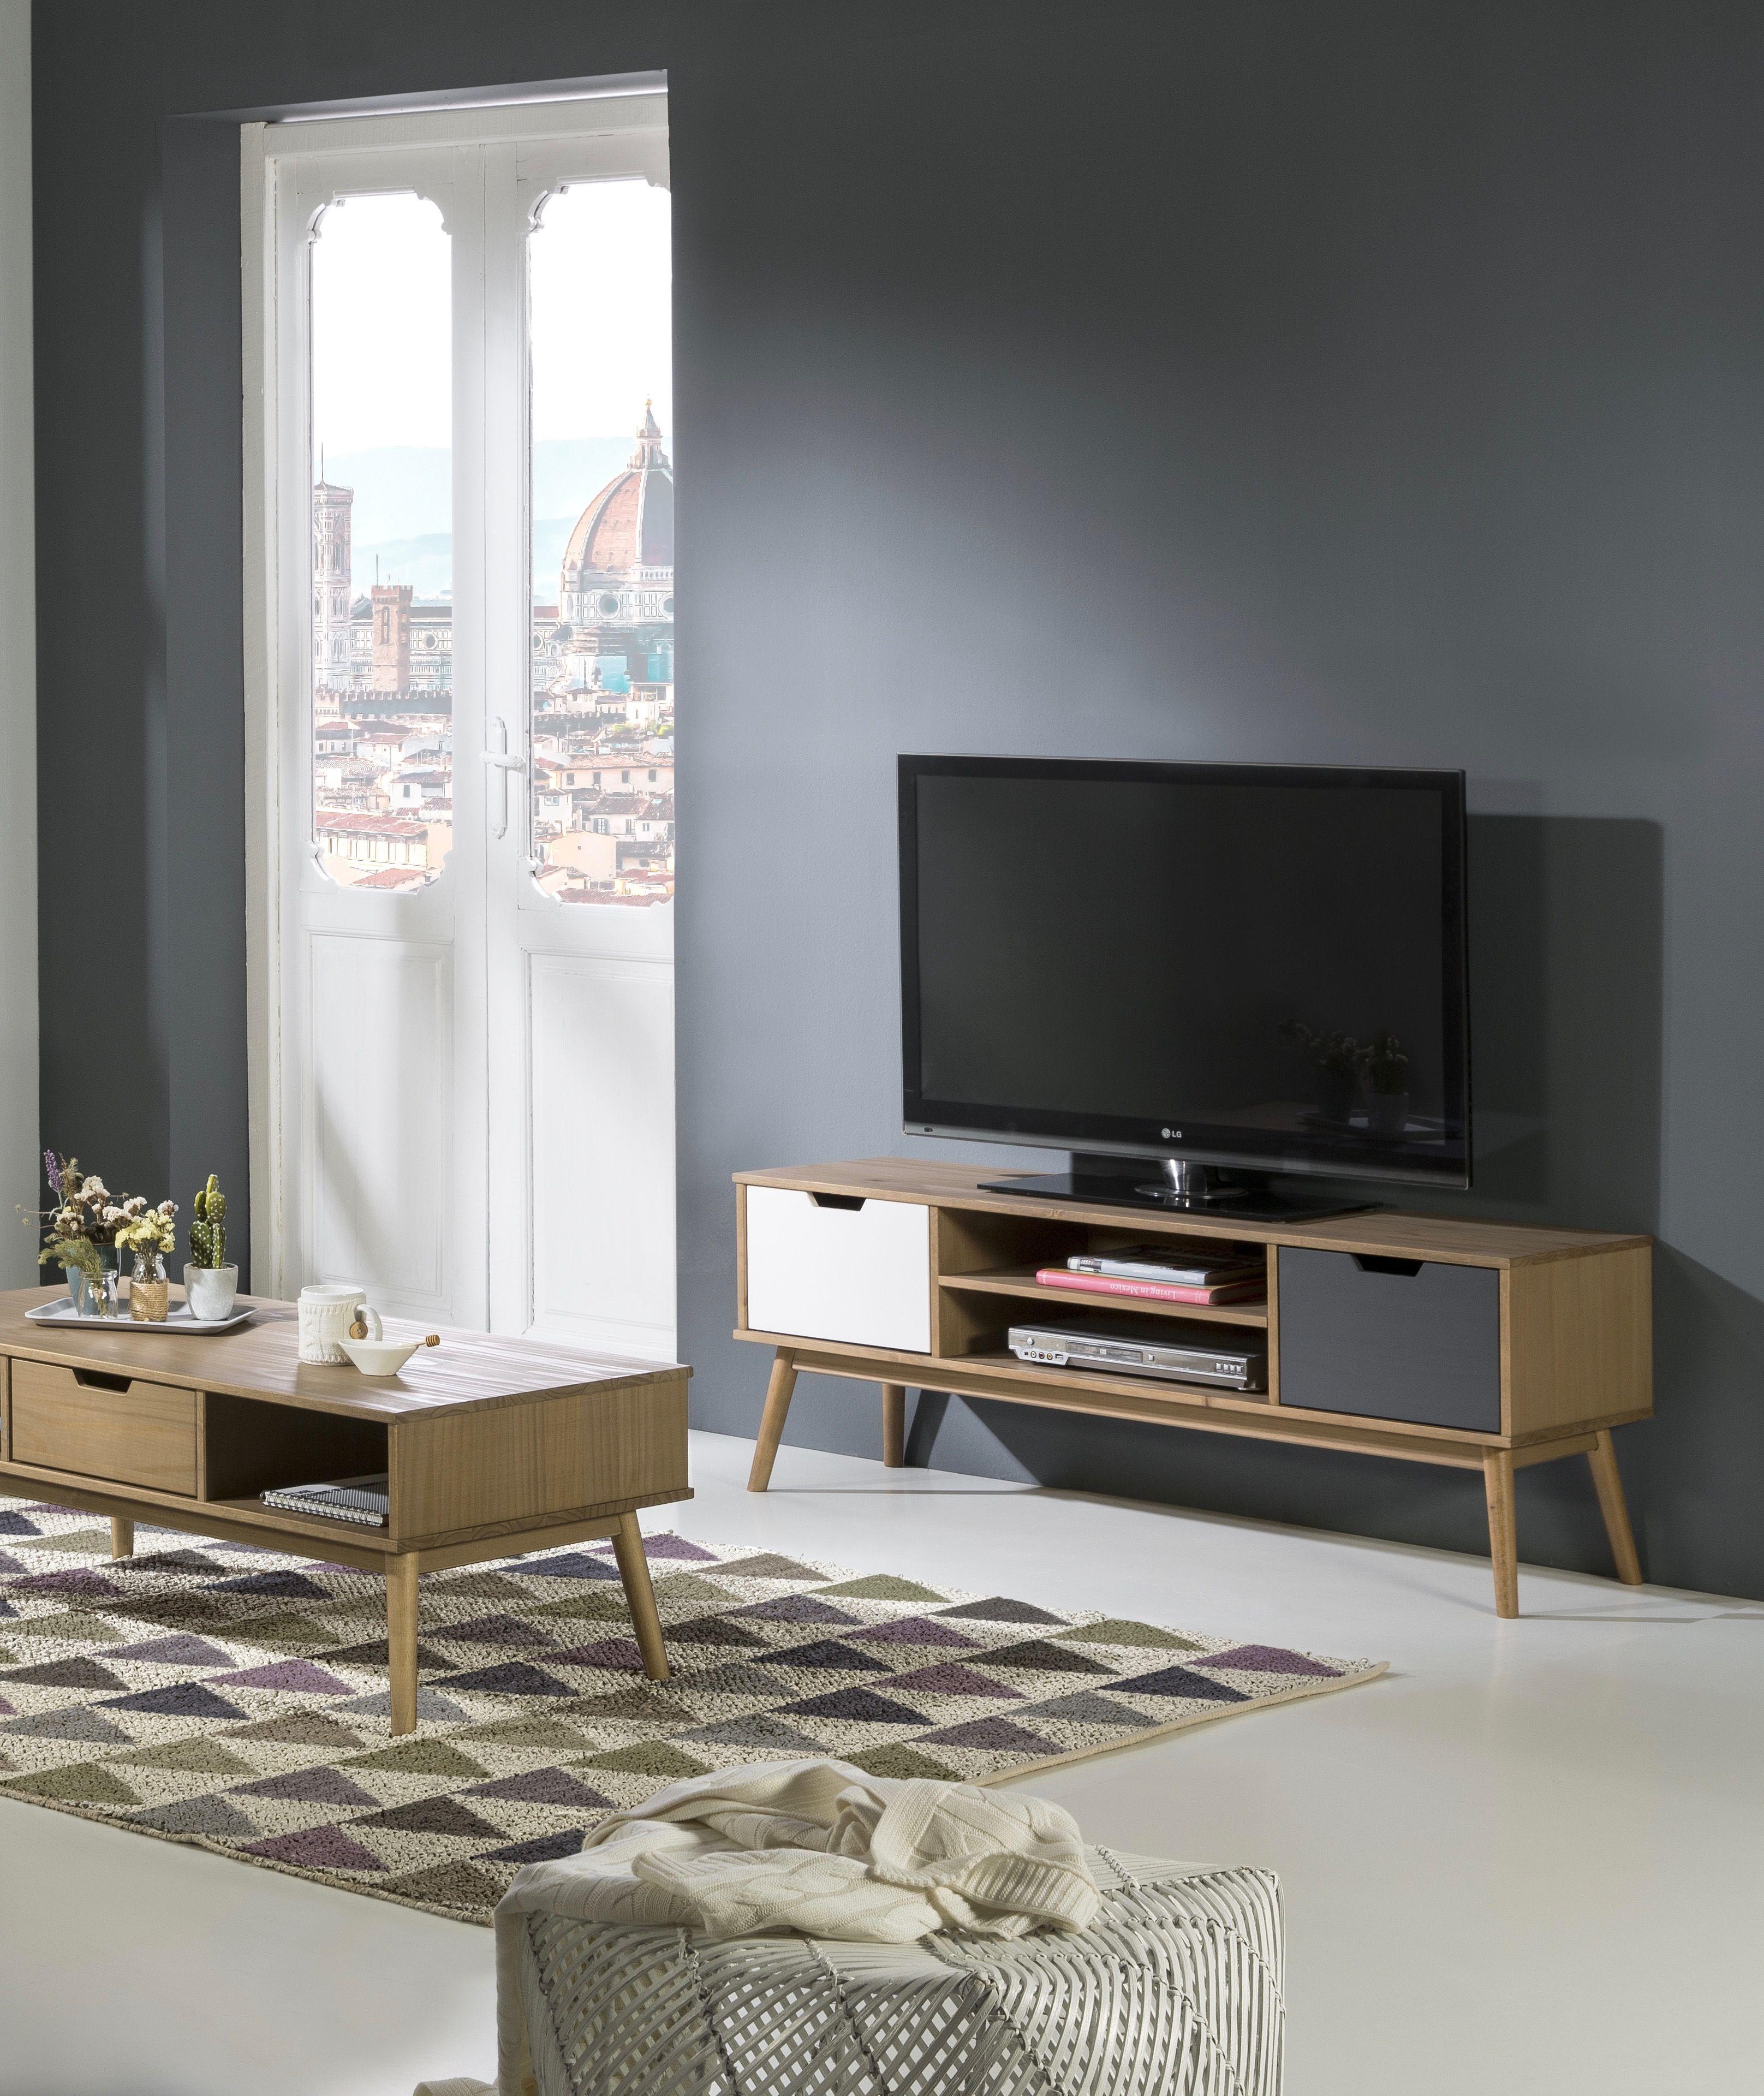 meuble tv maela bobochic scandinave